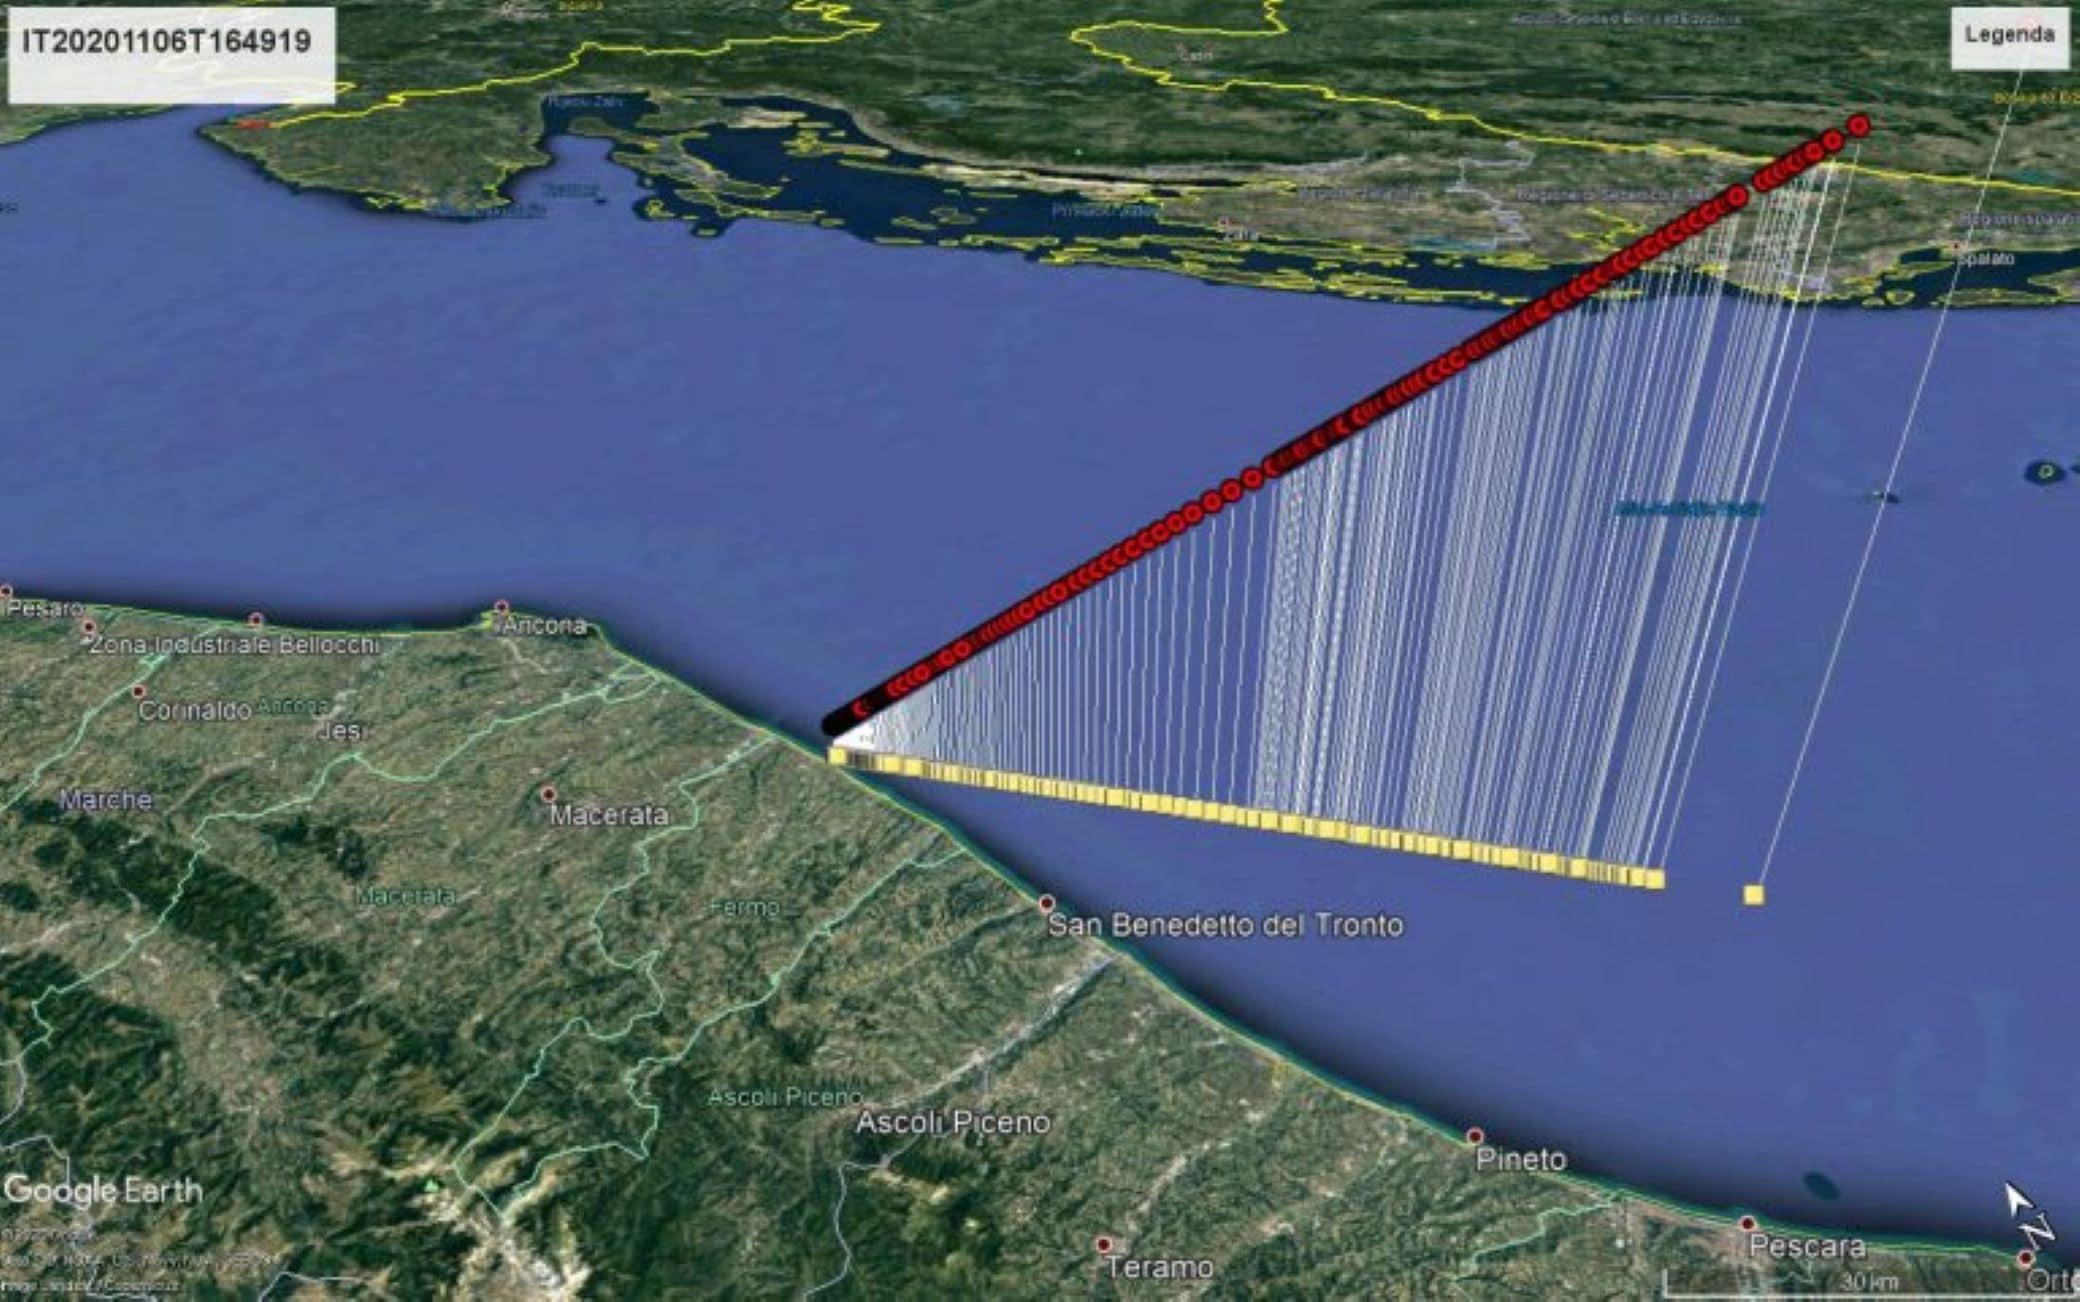 La traiettoria del bolide ricostruita da Prisma e visualizzata con Google Earth